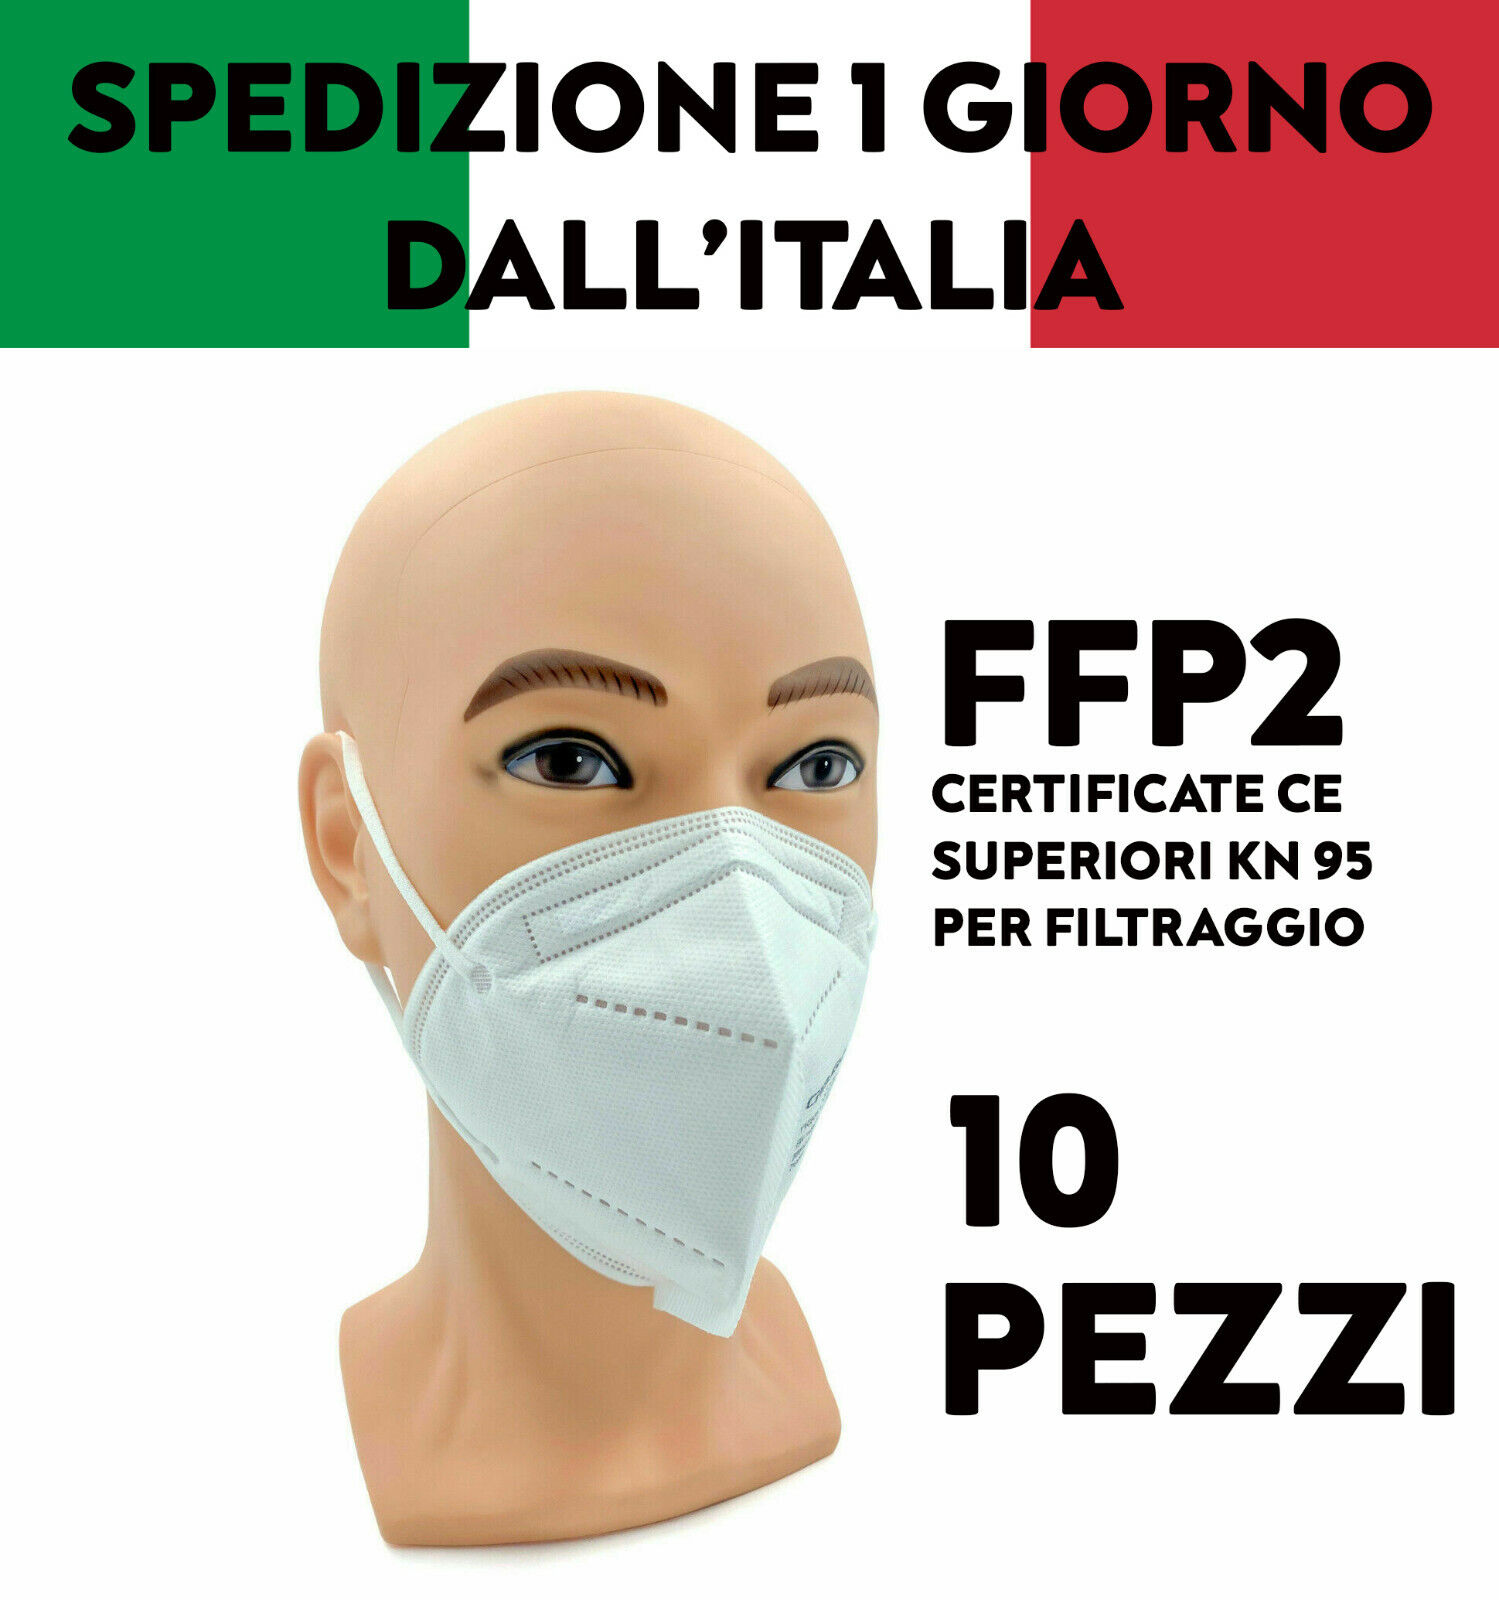 10 MASCHERINE FFP2 MASCHERE FACCIALI FILTRANTI CERTIFICATE CE PROTETTIVE MONOUSO